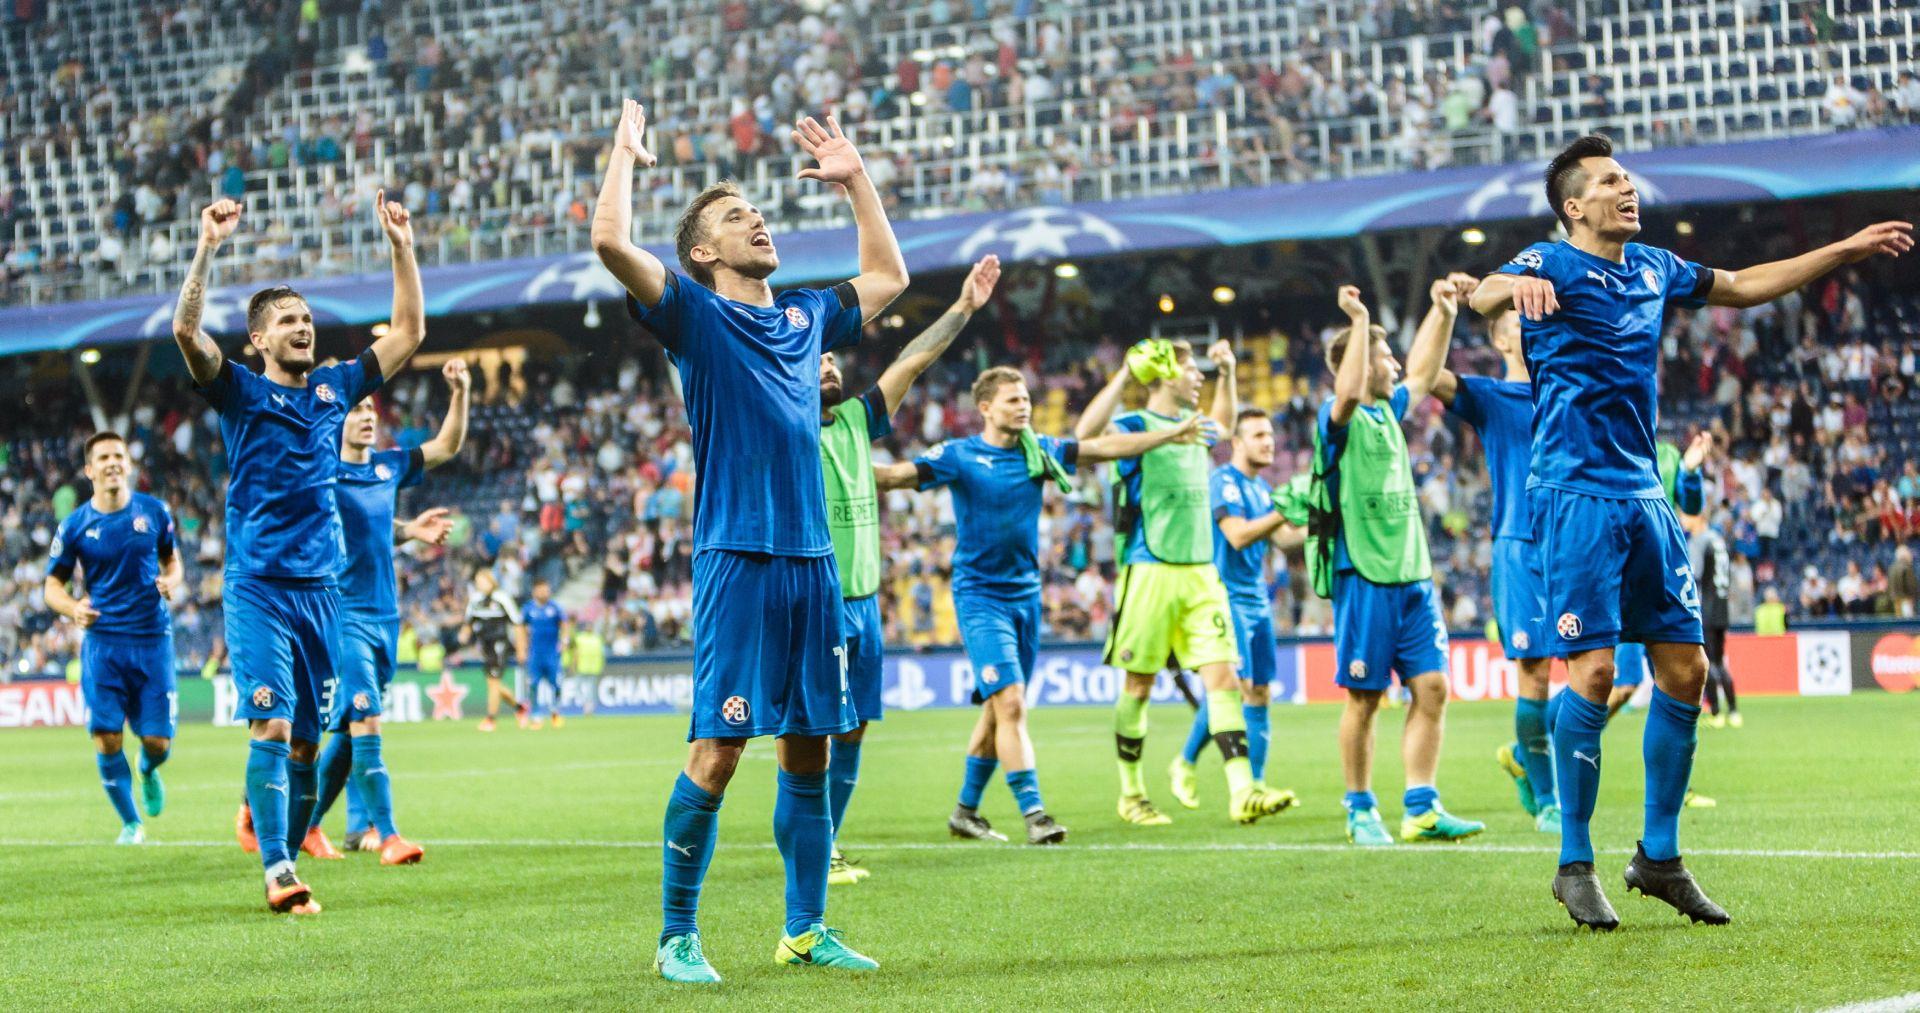 VELIKI PREOKRET U AUSTRIJI Dinamo drugu godinu zaredom u Ligi prvaka!